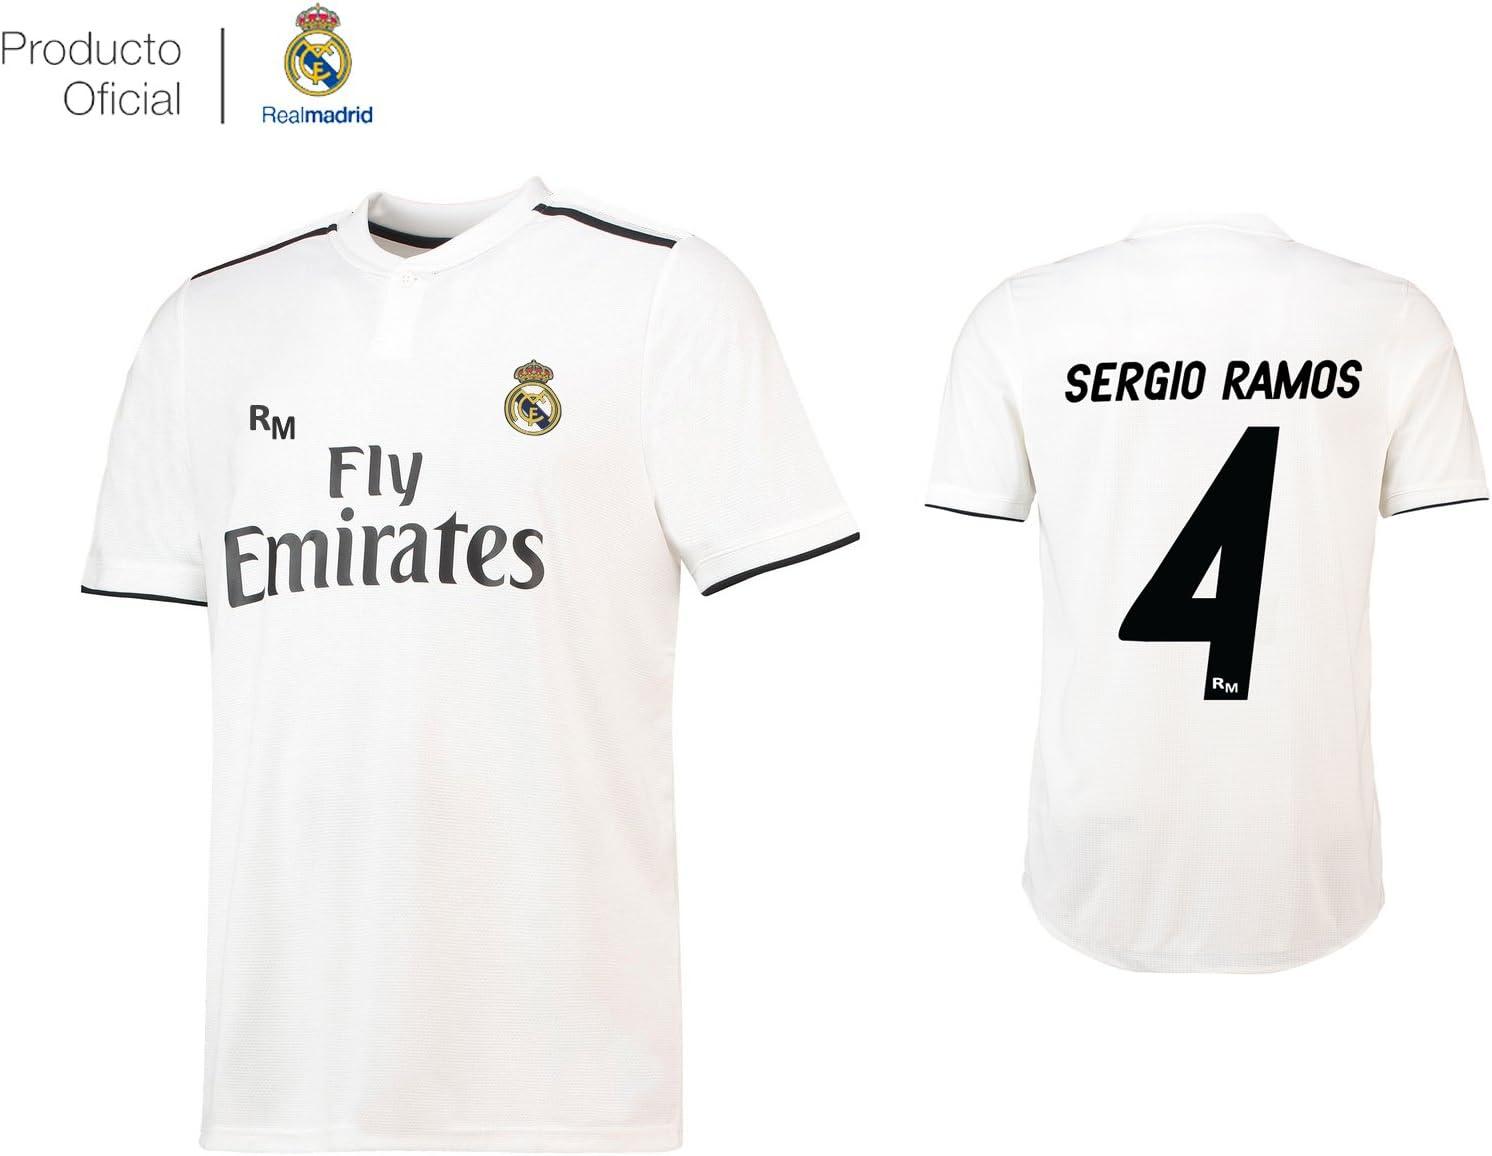 Real Madrid C.F. Camiseta 1ºEQUIPO Sergio Ramos Real Madrid 2018-2019 Adulto (M): Amazon.es: Deportes y aire libre